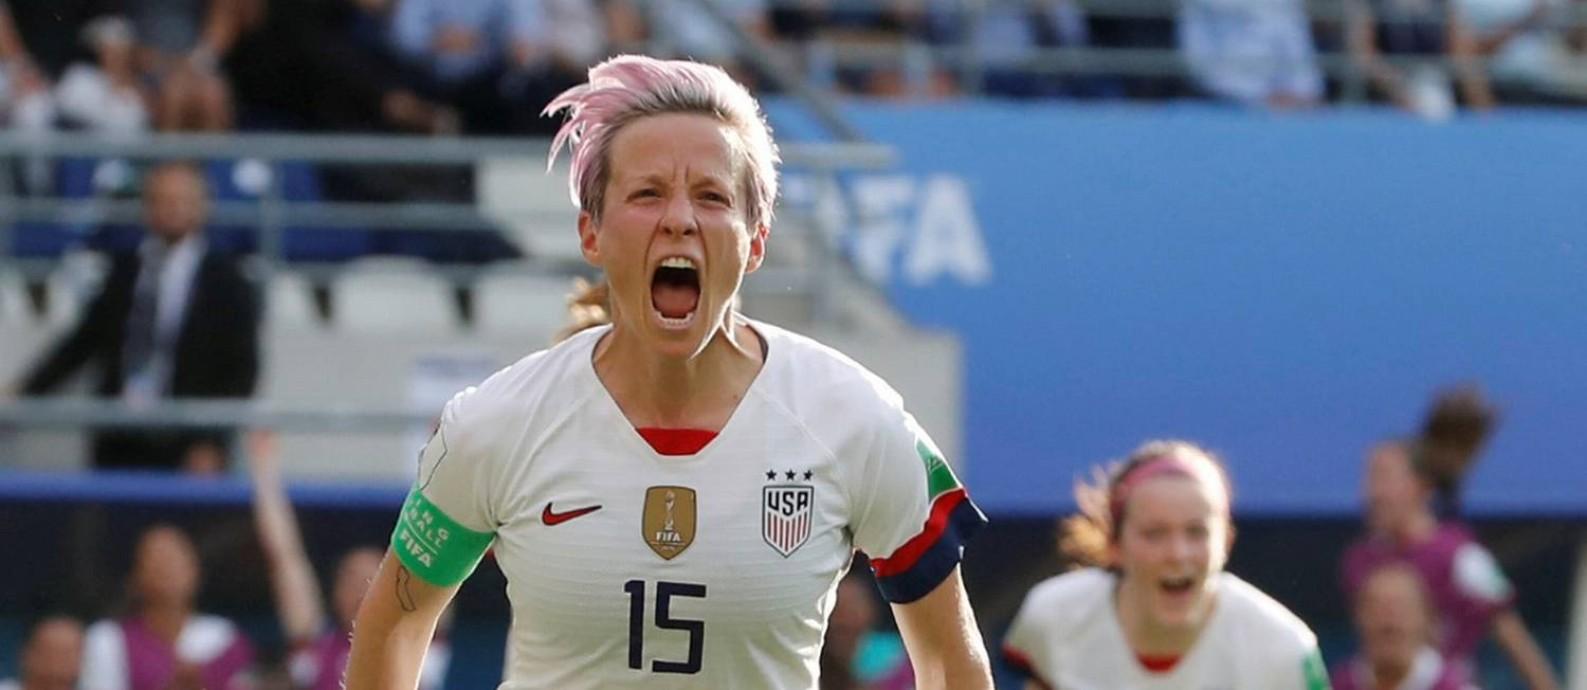 Rapinoe celebra o segundo gol dos EUA sobre a Espanha Foto: BERNADETT SZABO / REUTERS